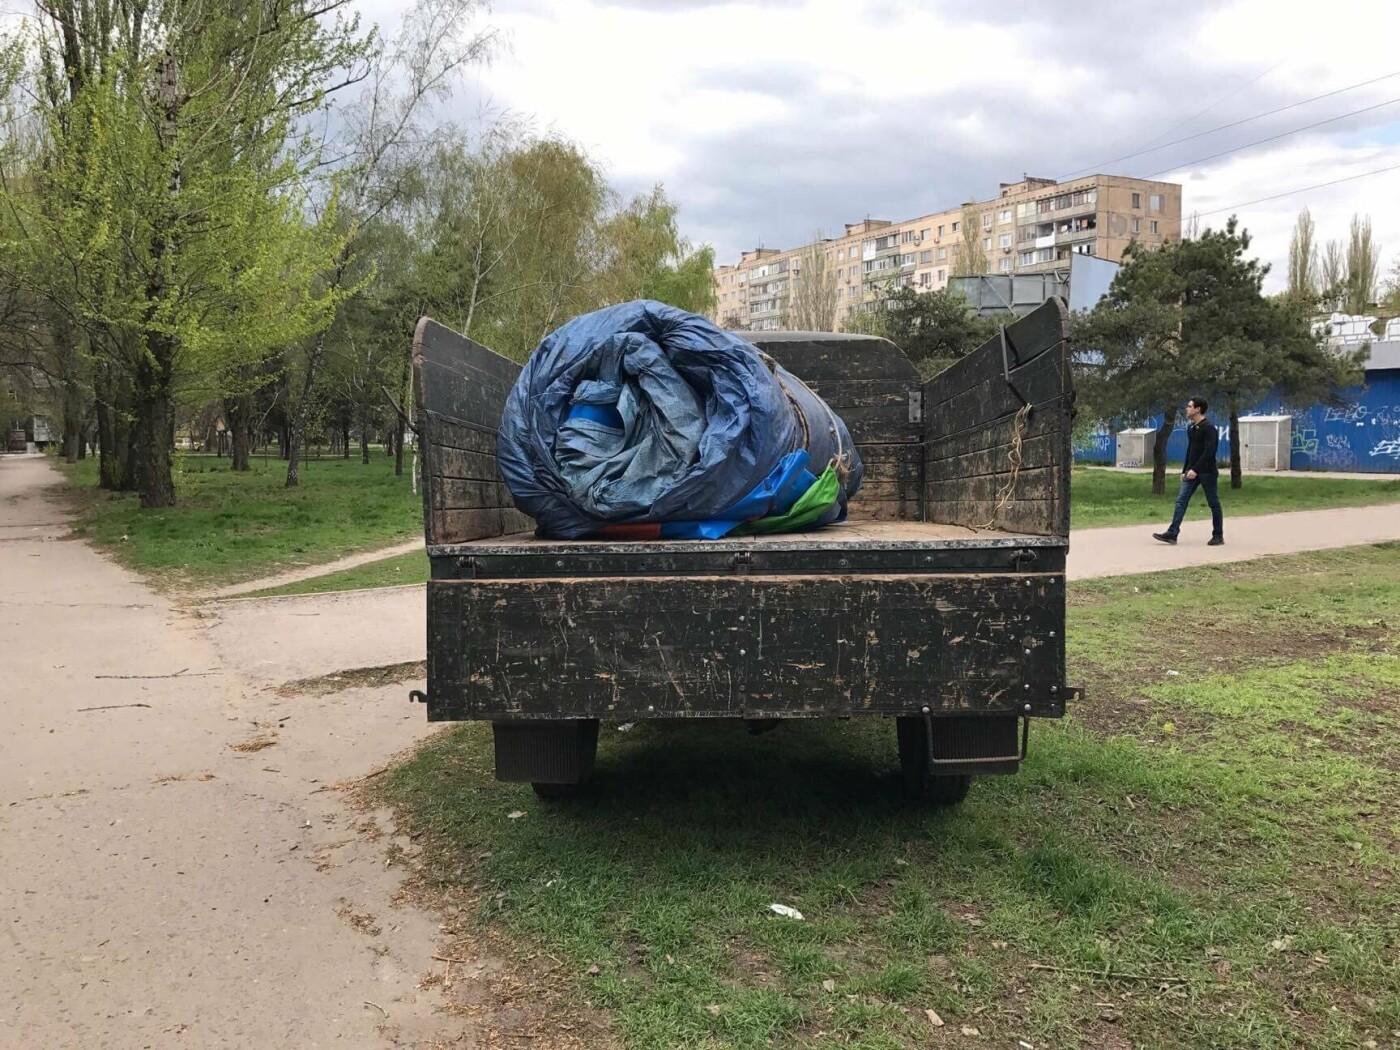 В Николаеве демонтировали и изъяли незаконный надувной батут, - ФОТО, фото-4